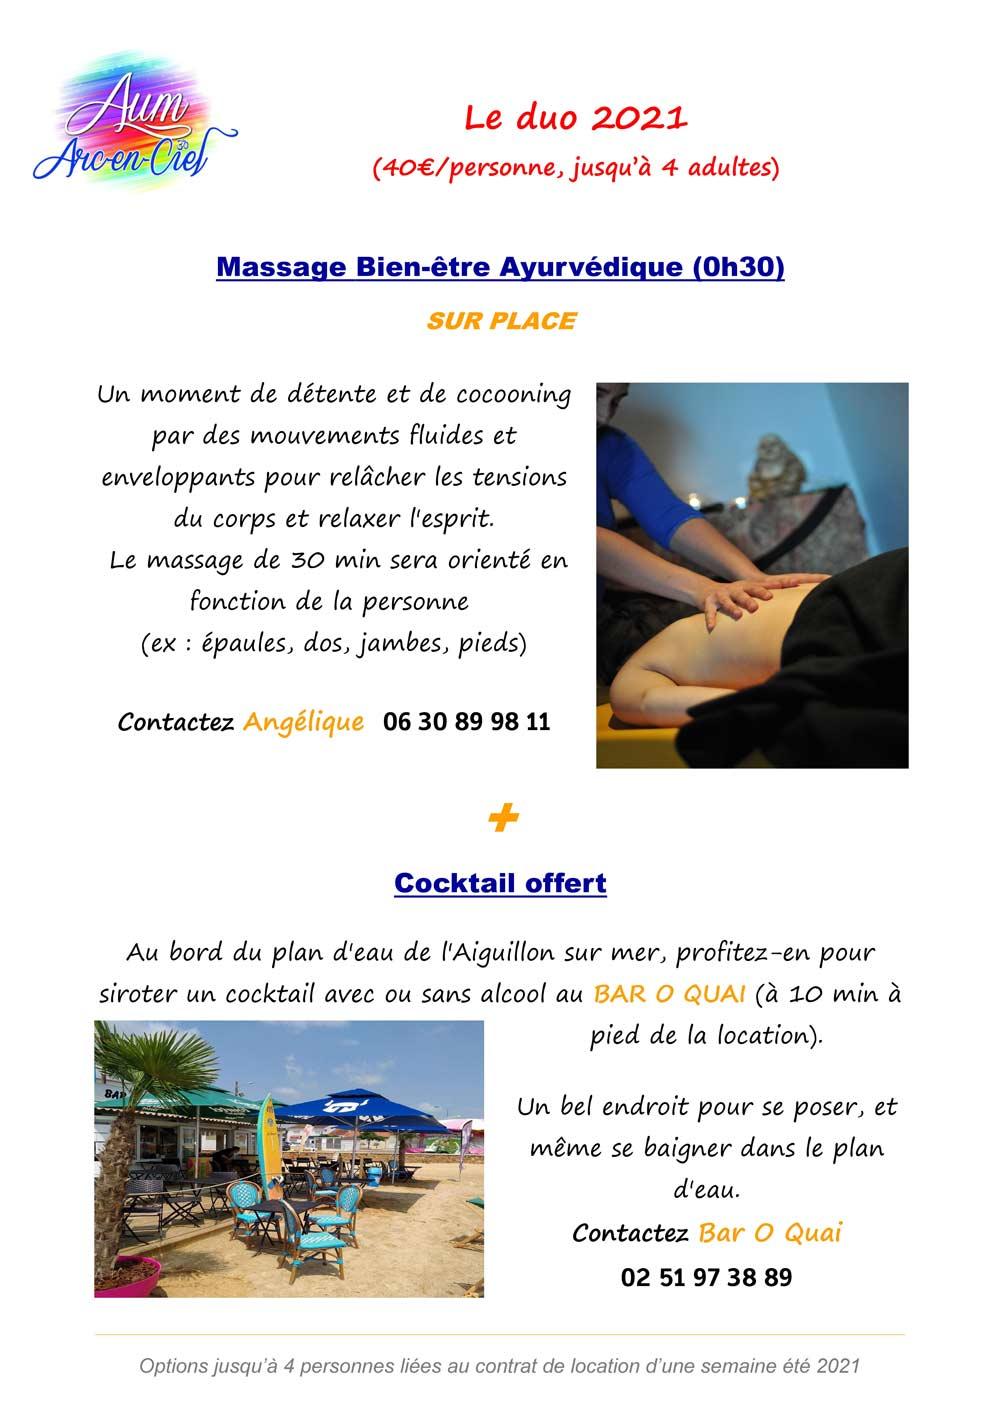 Options BIEN-ETRE 2021 massages